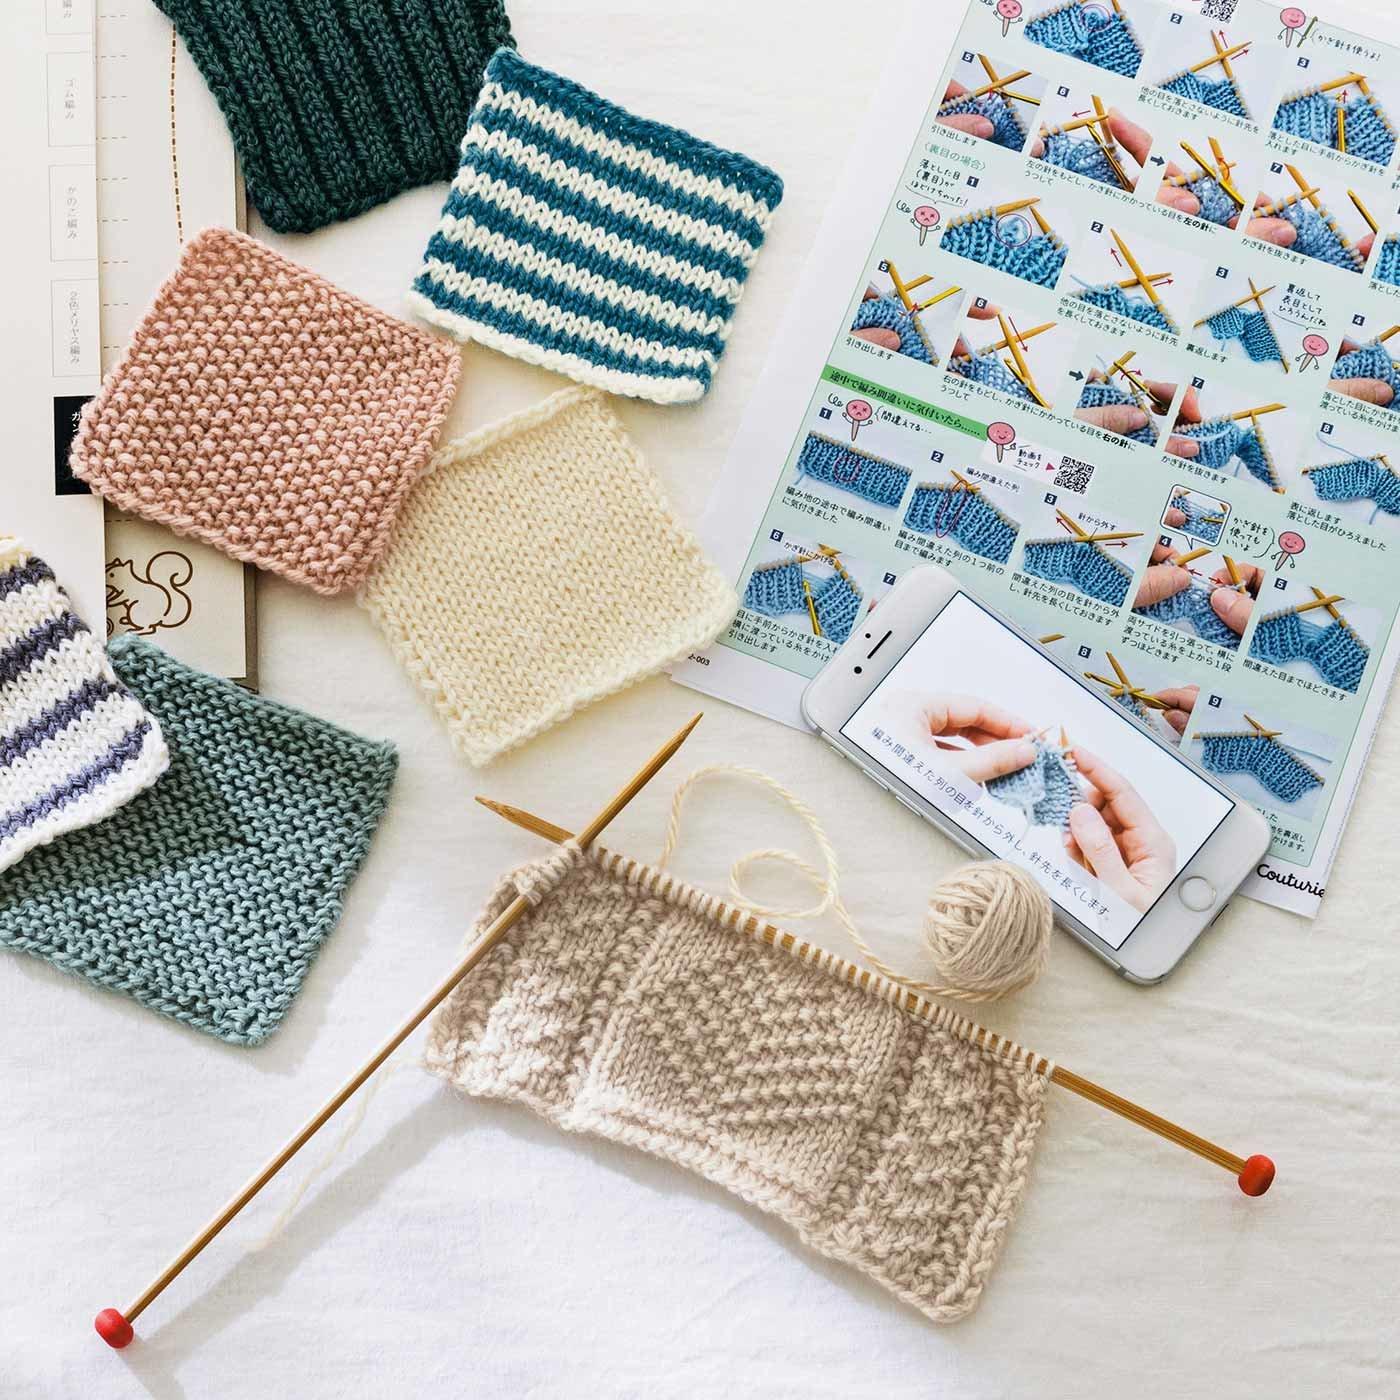 はじめてさんのきほんのき 棒針編みてとりあしとりレッスンの会